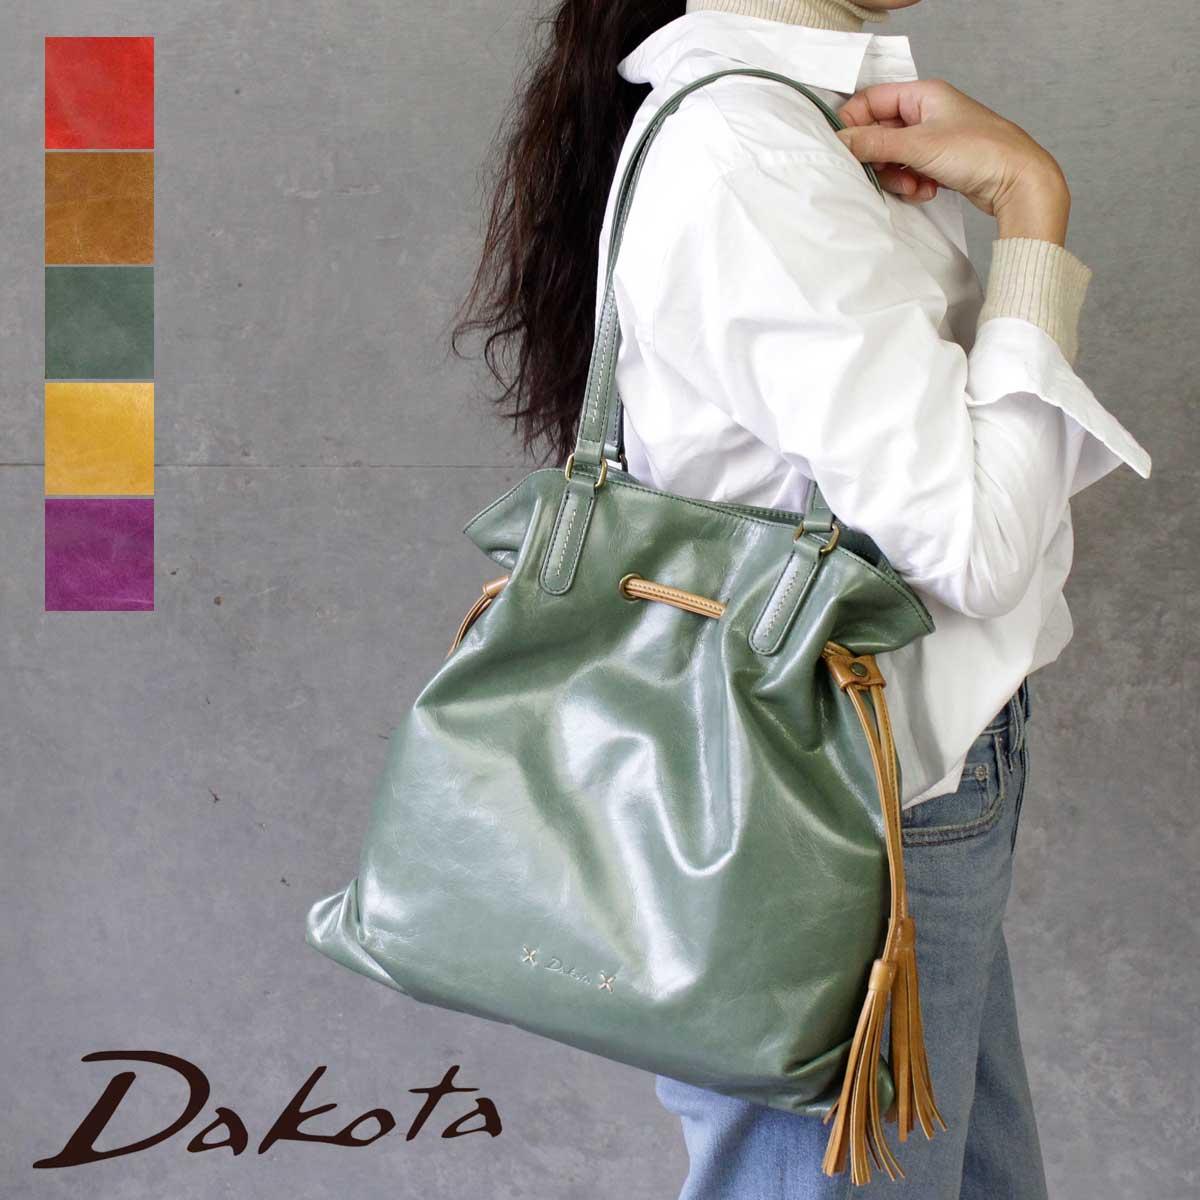 【選べるノベルティ大好評】Dakota ダコタ ソング トートバッグ(大) 1033930【A4】